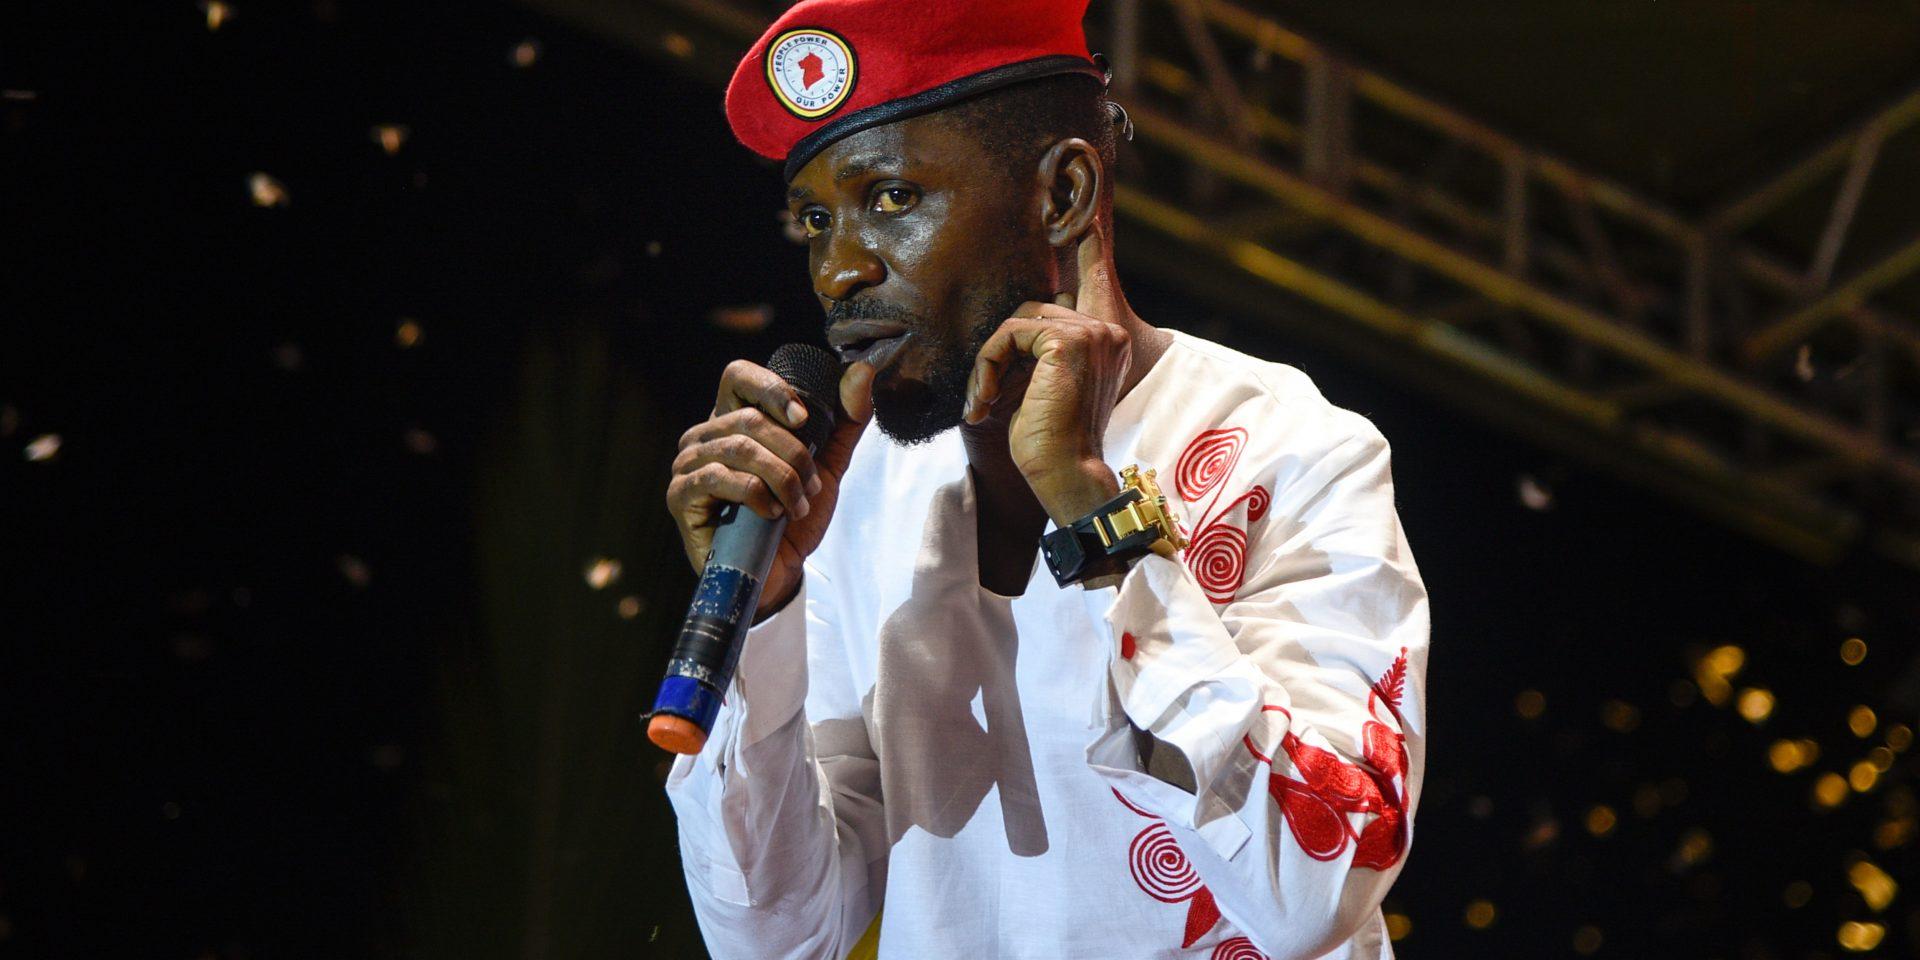 Robert Kyagulanyi är politiker och musiker, mer känd som Bobi Wine. Här uppträder han i en förort till Kampala i Uganda (november 2018), många av hans konserter har stängts ner av polis. Bobi Wine ser det nya förslaget som en attack mot konsten i Uganda.